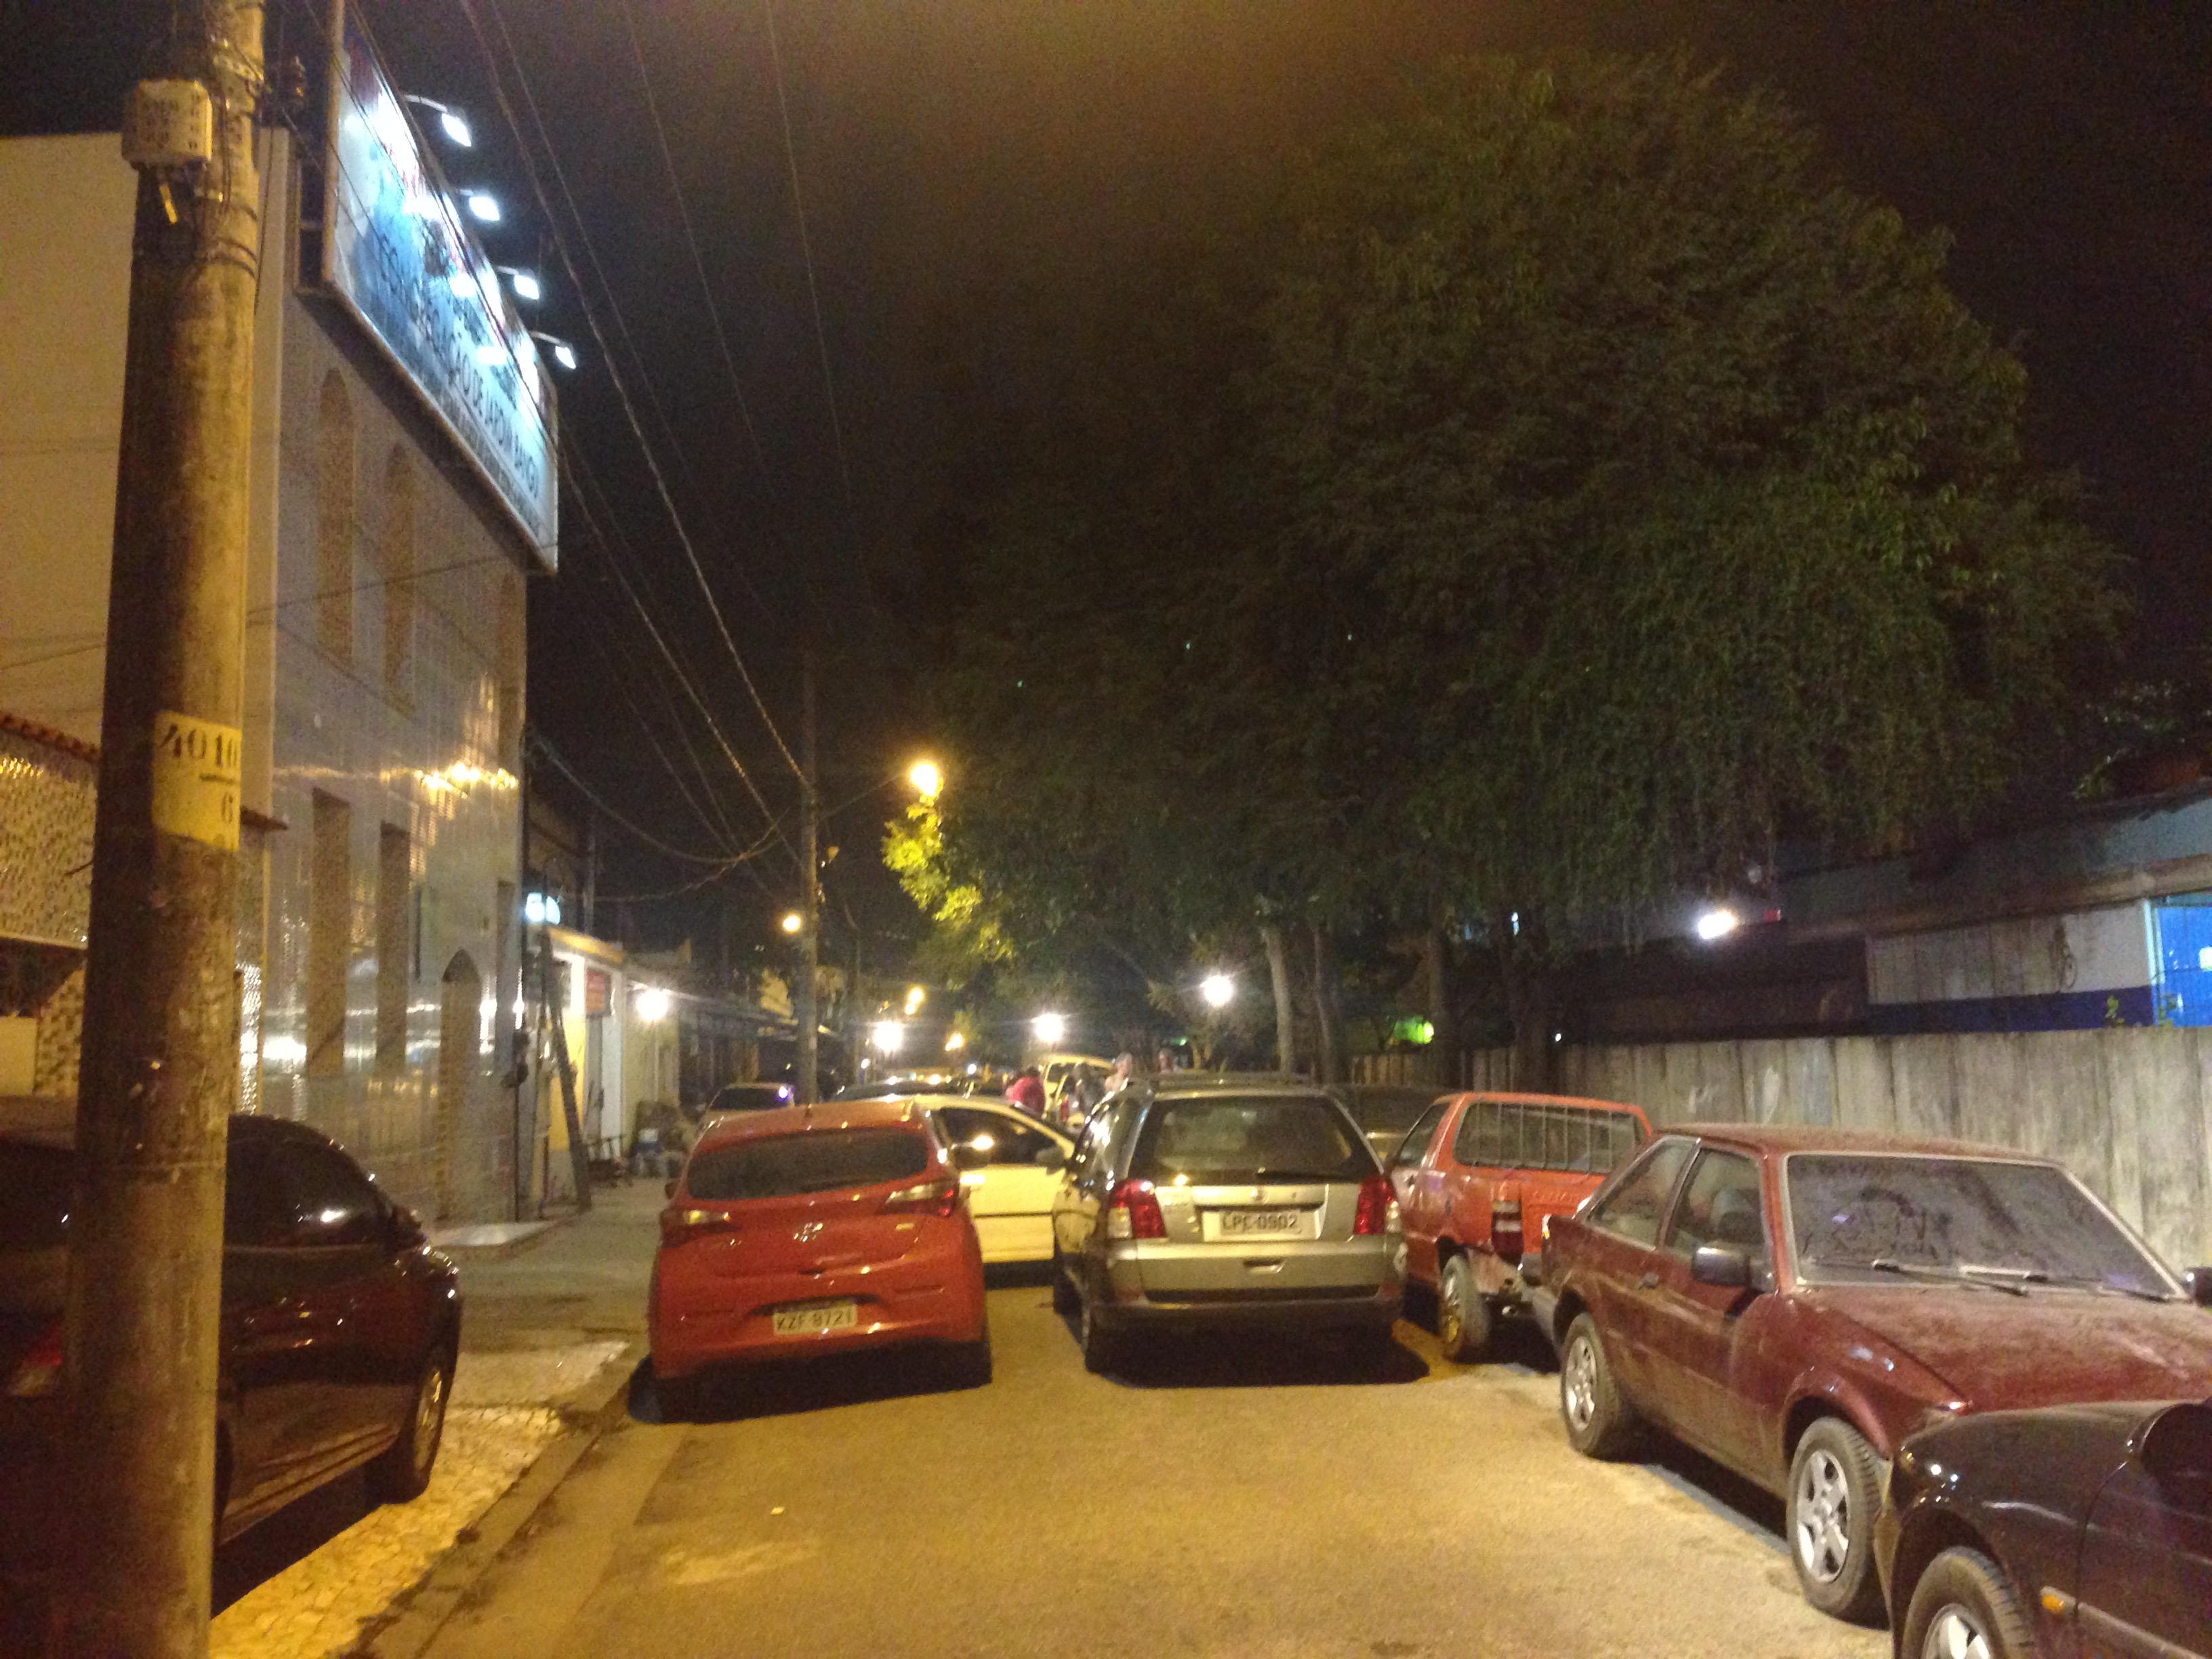 bresil_2017_churrasco_rio